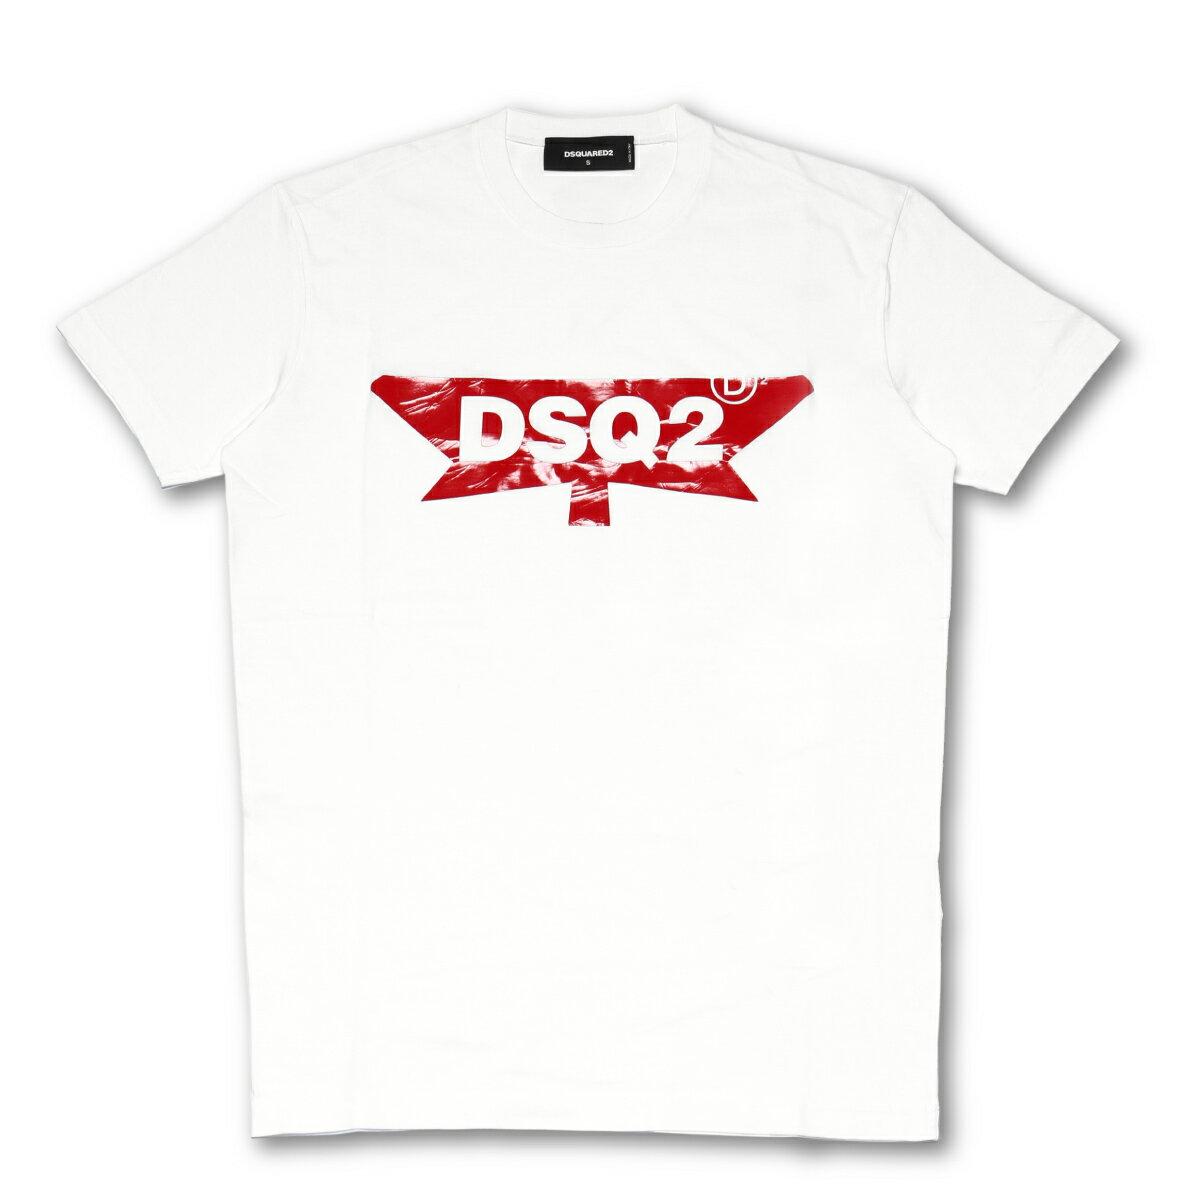 ディースクエアード DSQUARED 2 Tシャツ メンズ S74GD0357 S22427 100 半袖Tシャツ WHITE ホワイト